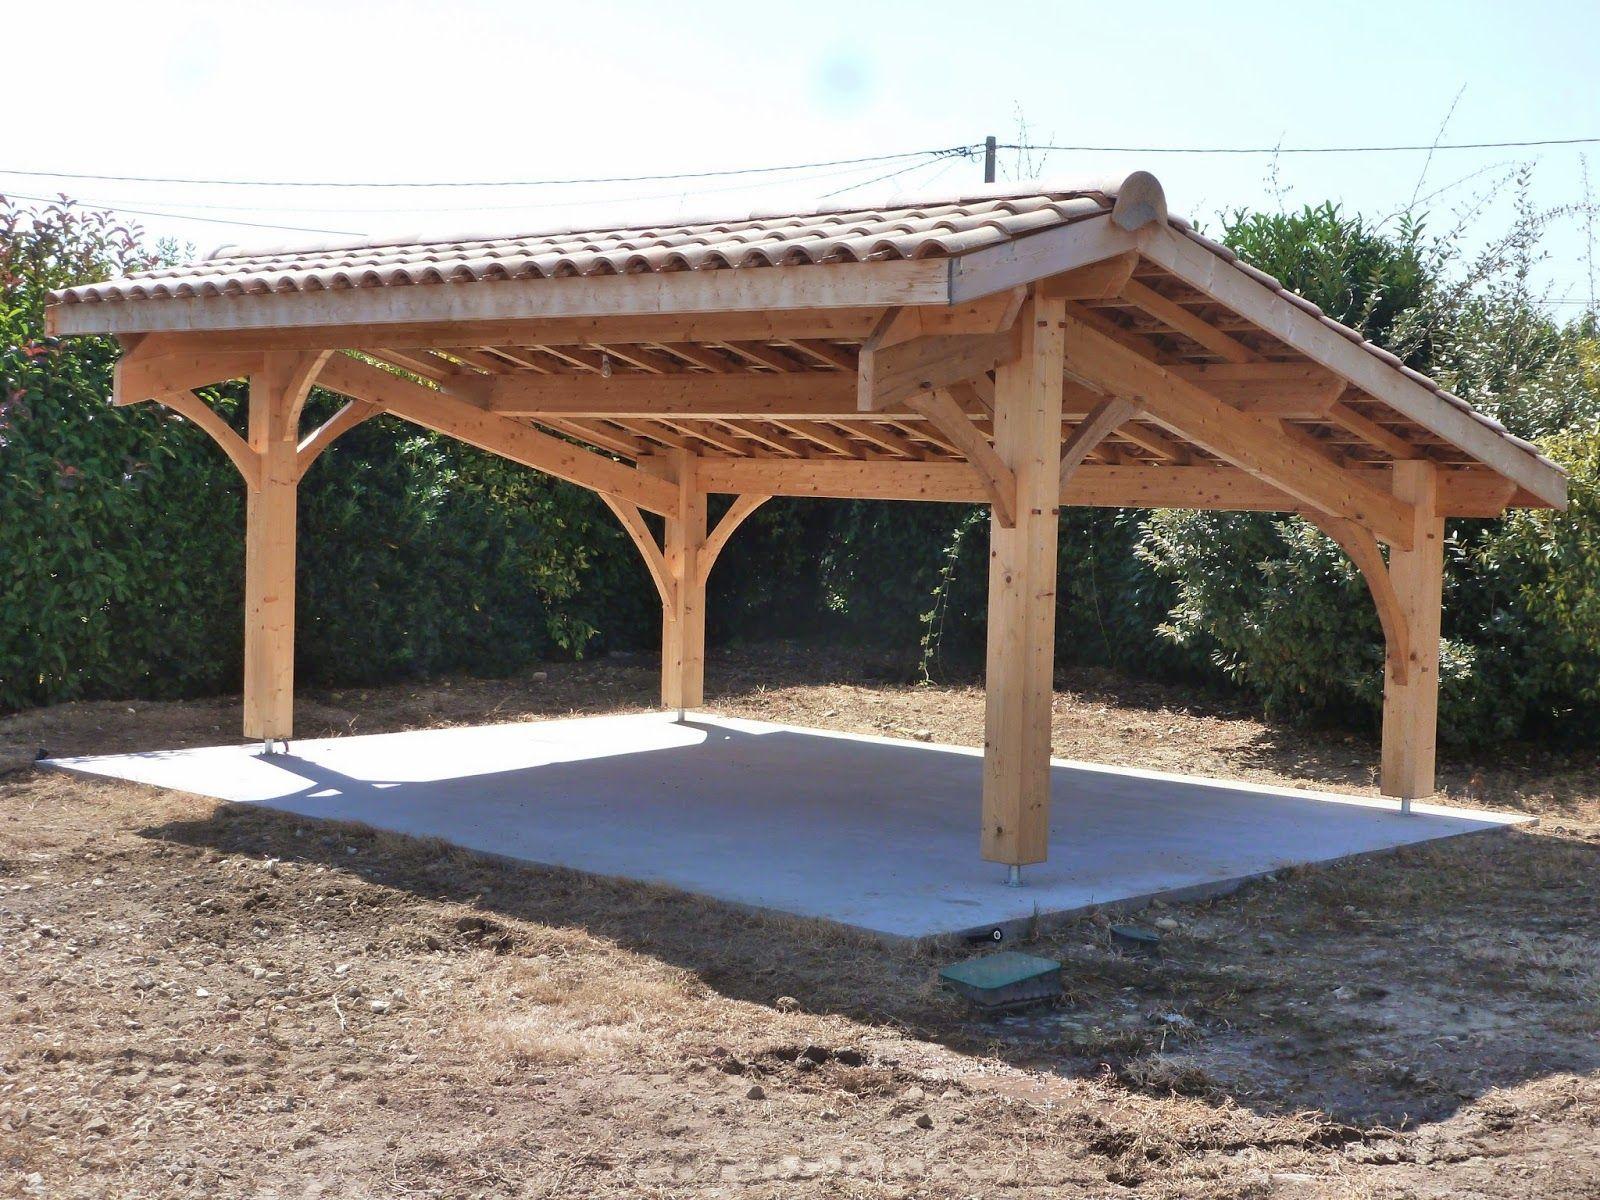 Abris De Jardin Bois / Carport Voitures Bois / Garage Bois ... pour Abri Bois Exterieur